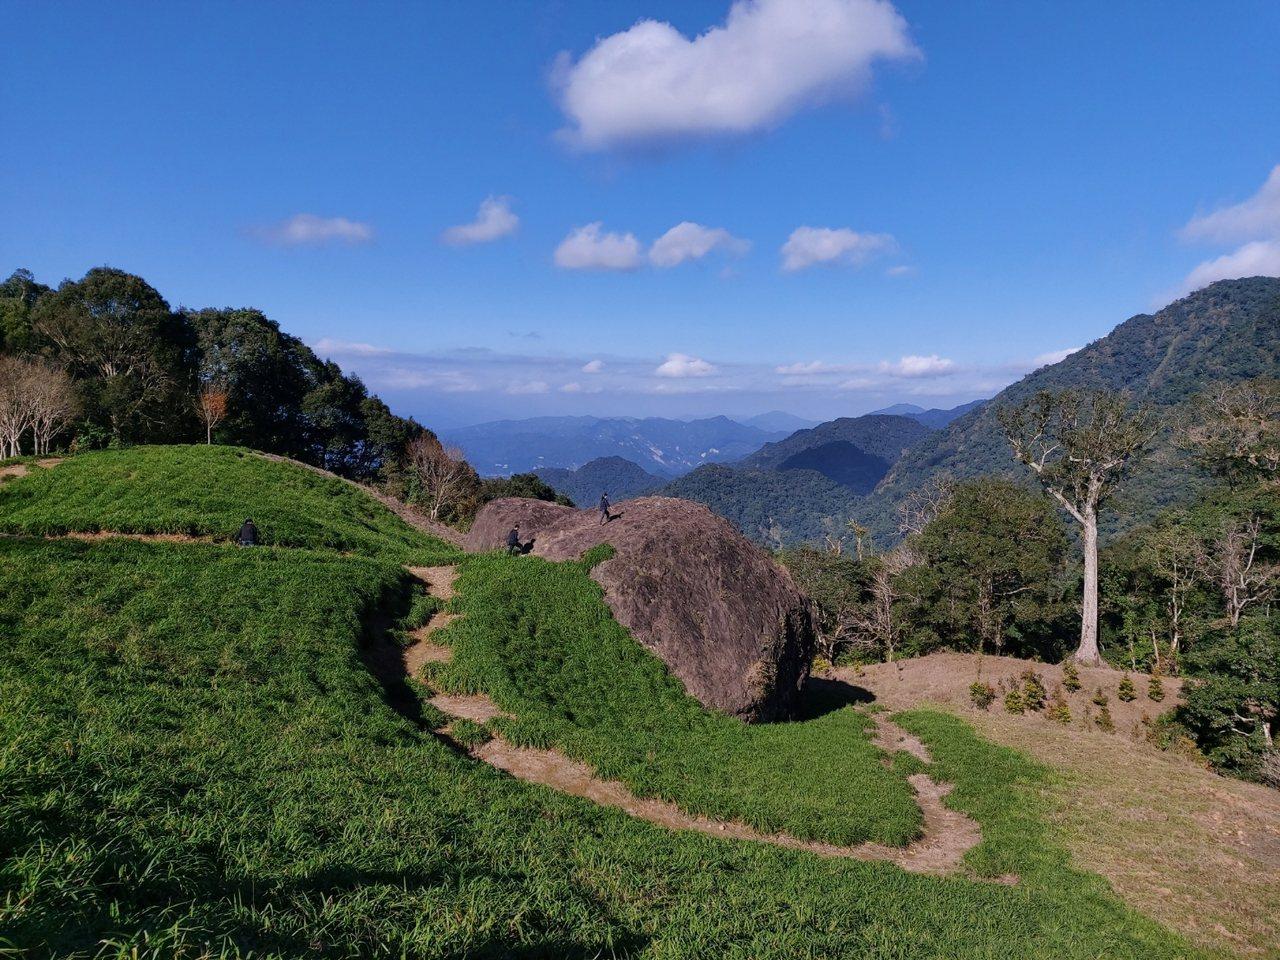 花蓮赤科山的千噸石龜與神木,也是知名景點。 圖/王燕華 攝影